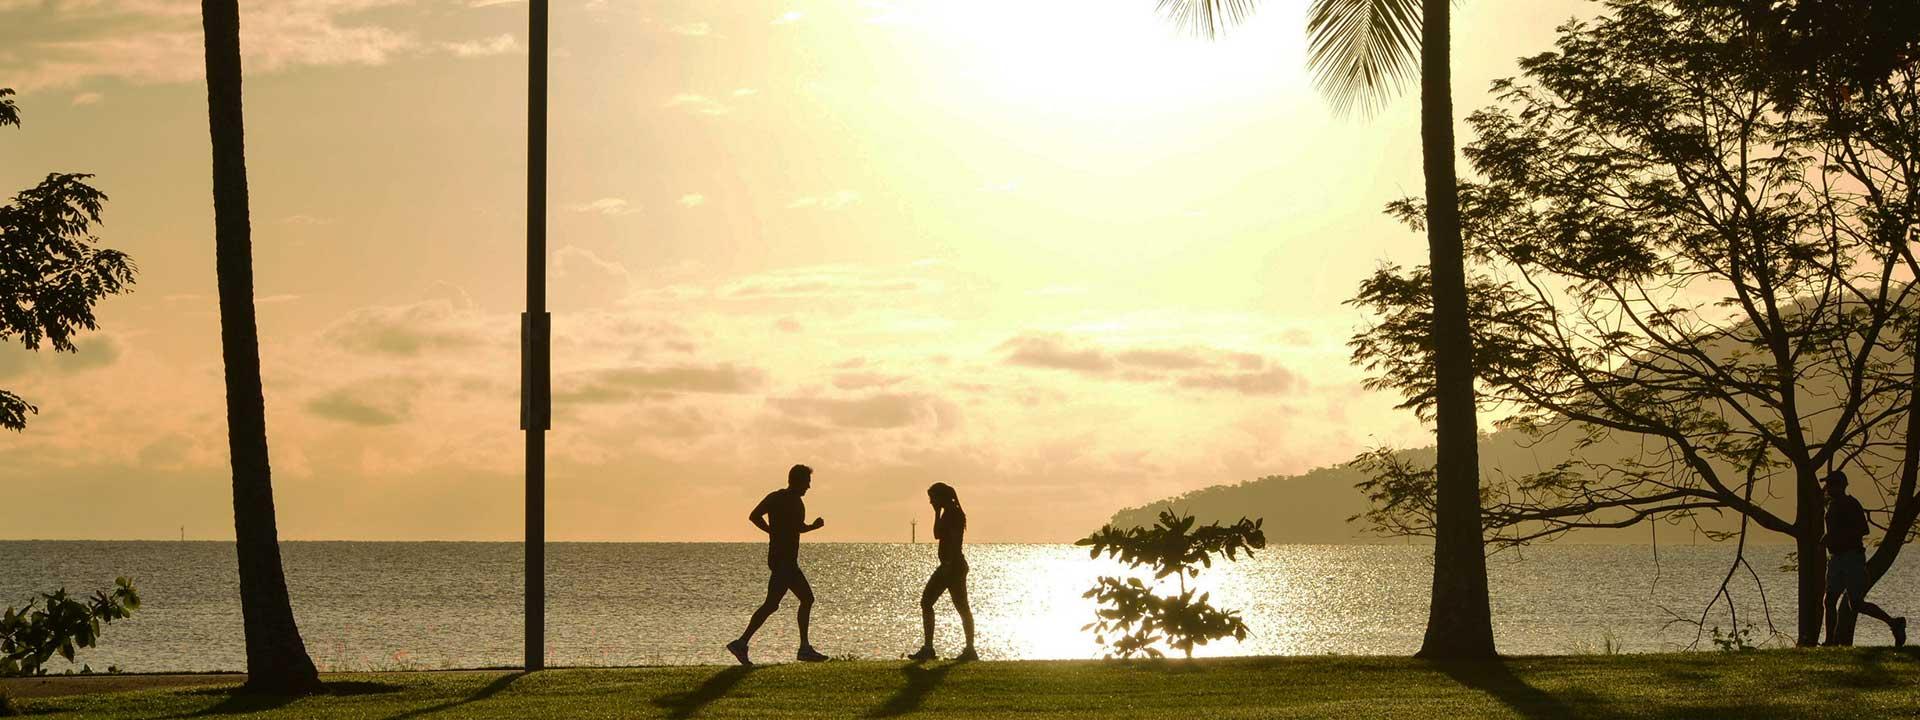 Enjoy a relaxing jog along beaches of Cairns